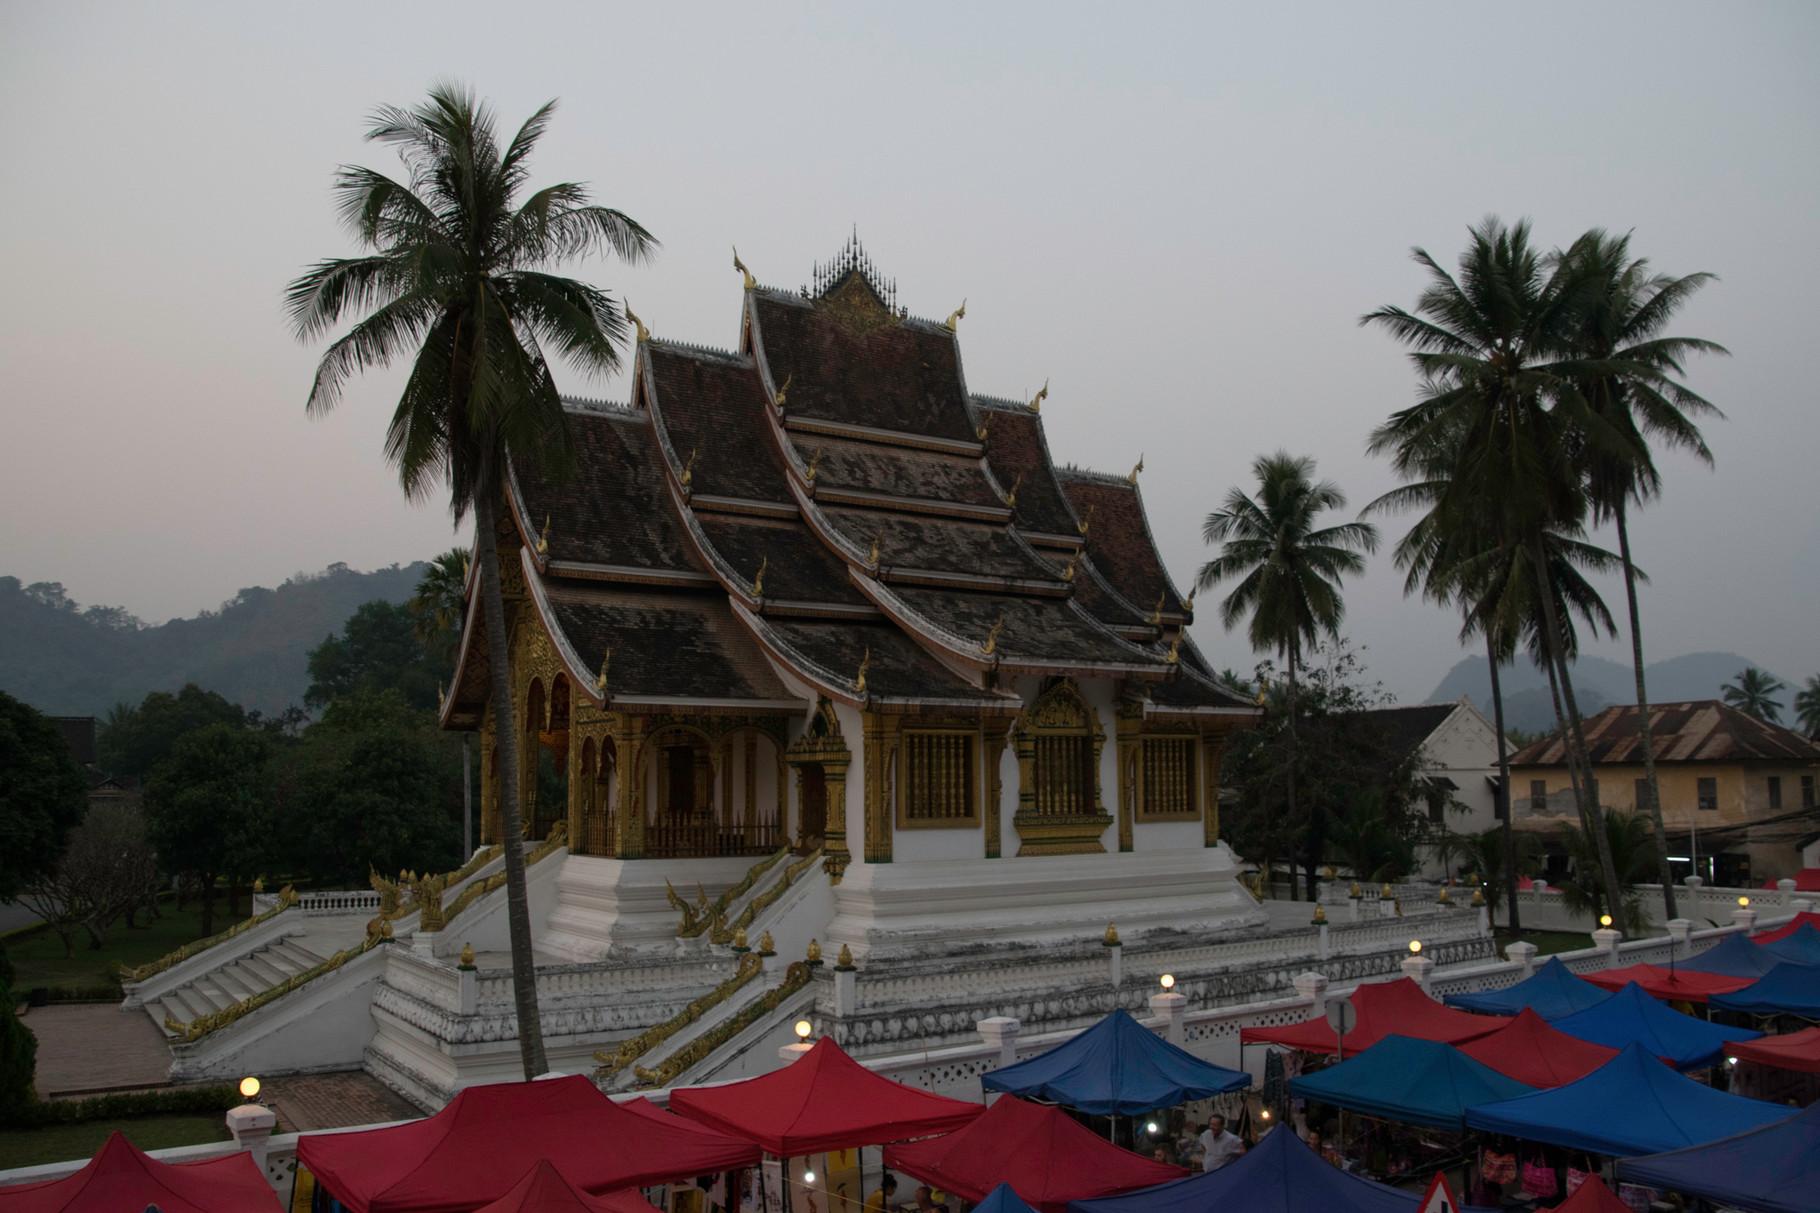 Einer der vielen Tempel in Luang Prabang